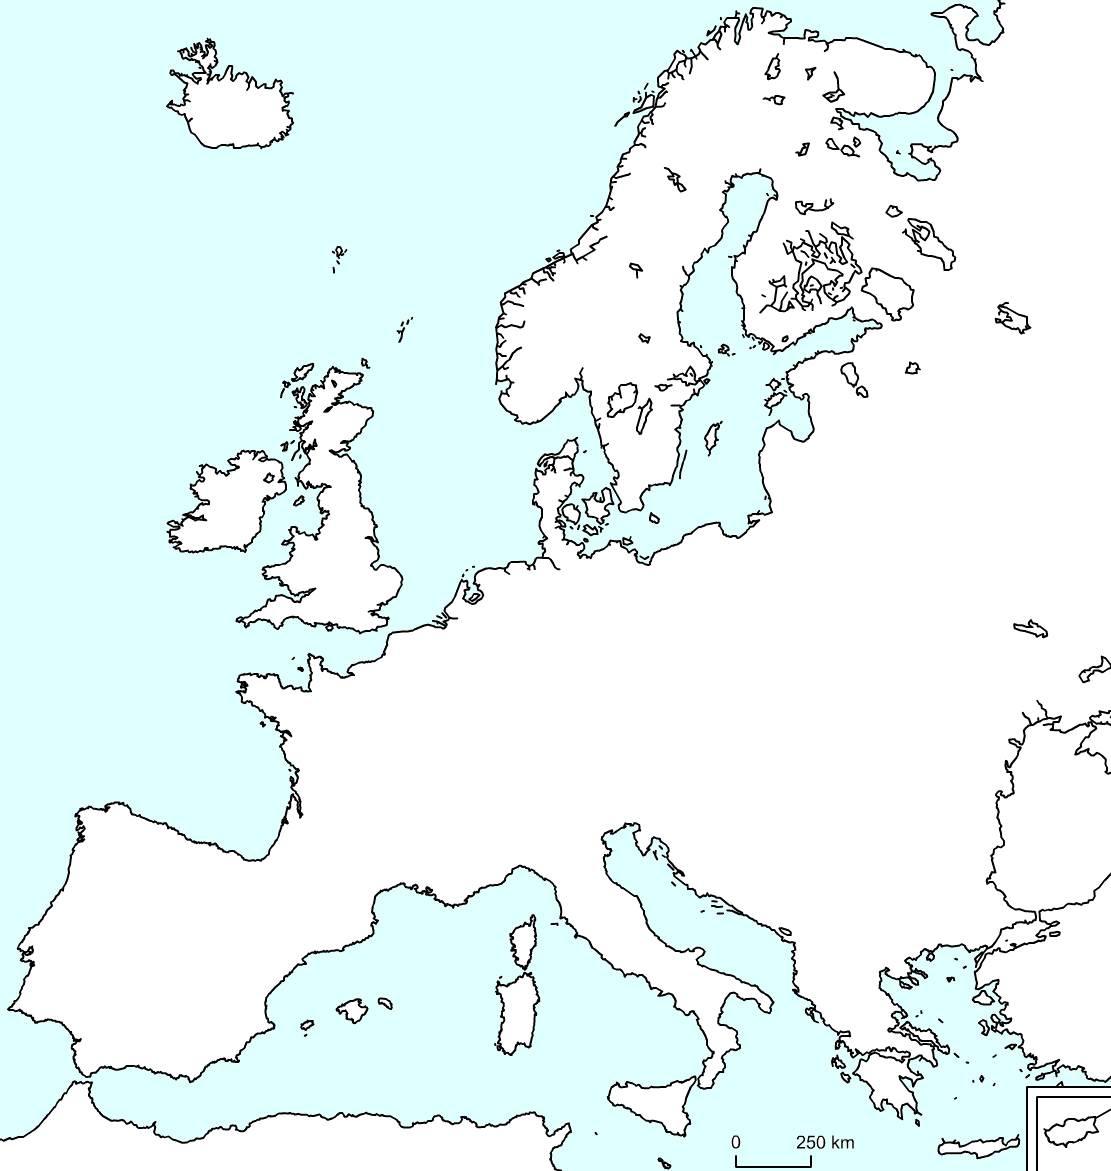 Geographie Et Histoire Au Cp, Ce1, Ce2, Cm1, Cm2 destiné Carte Europe Vierge Cm1